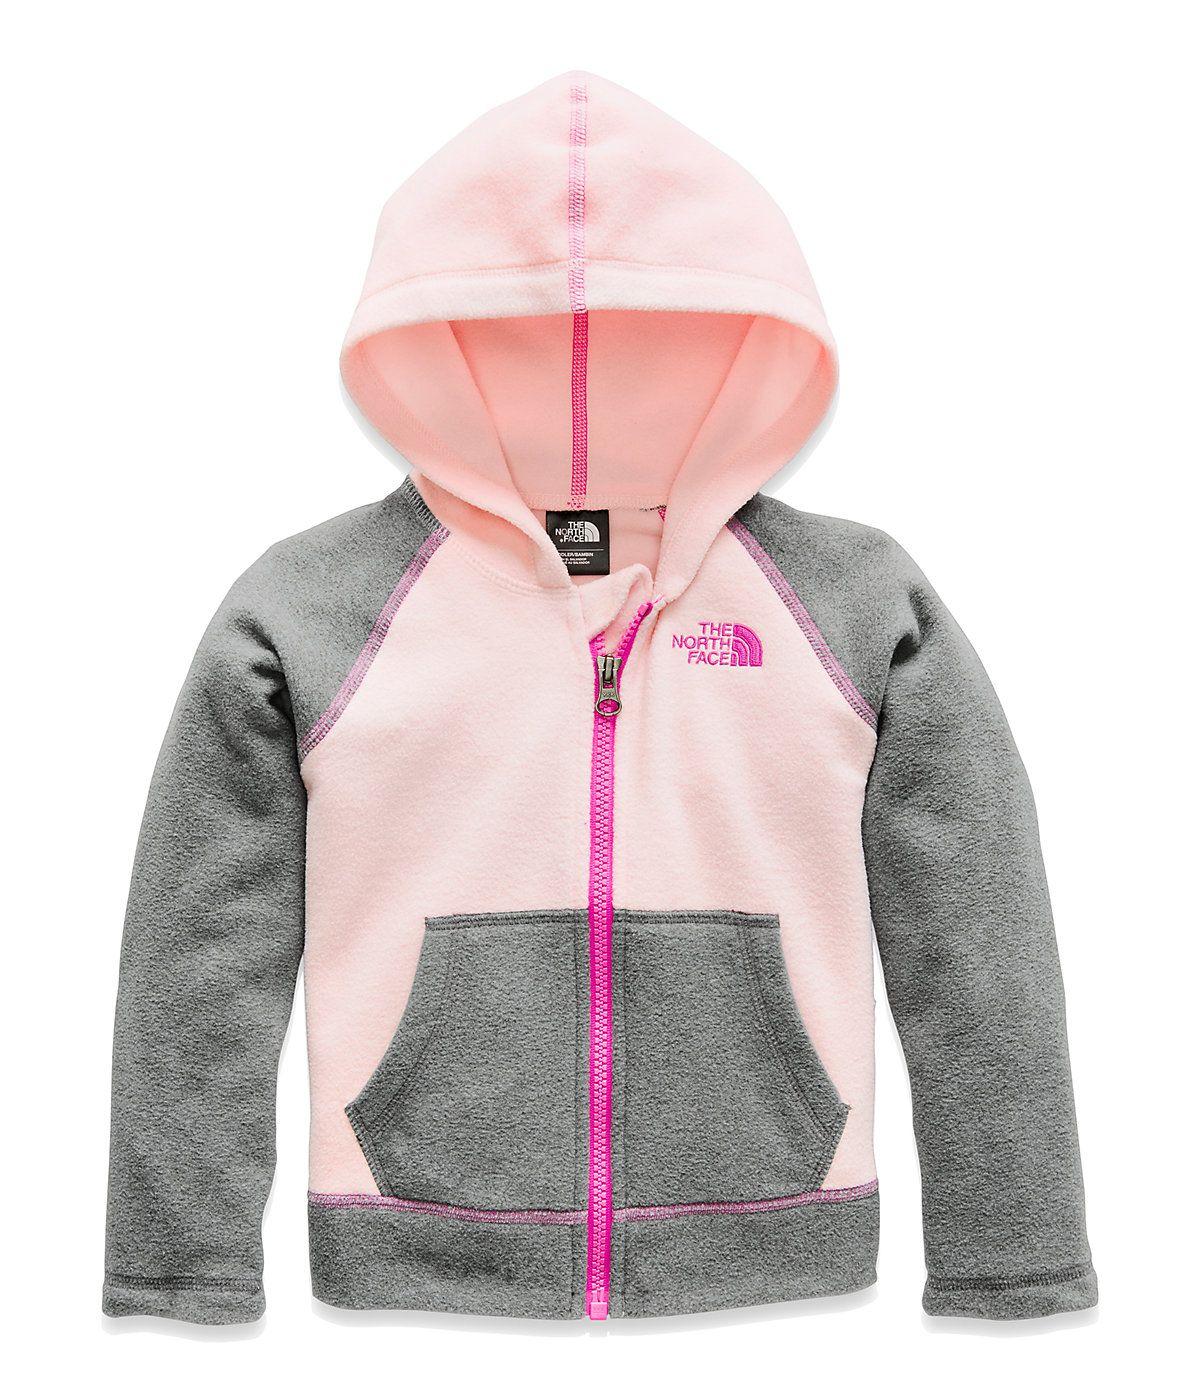 9e1defad7 Toddler glacier full zip hoodie in 2019 | Products | Full zip hoodie ...